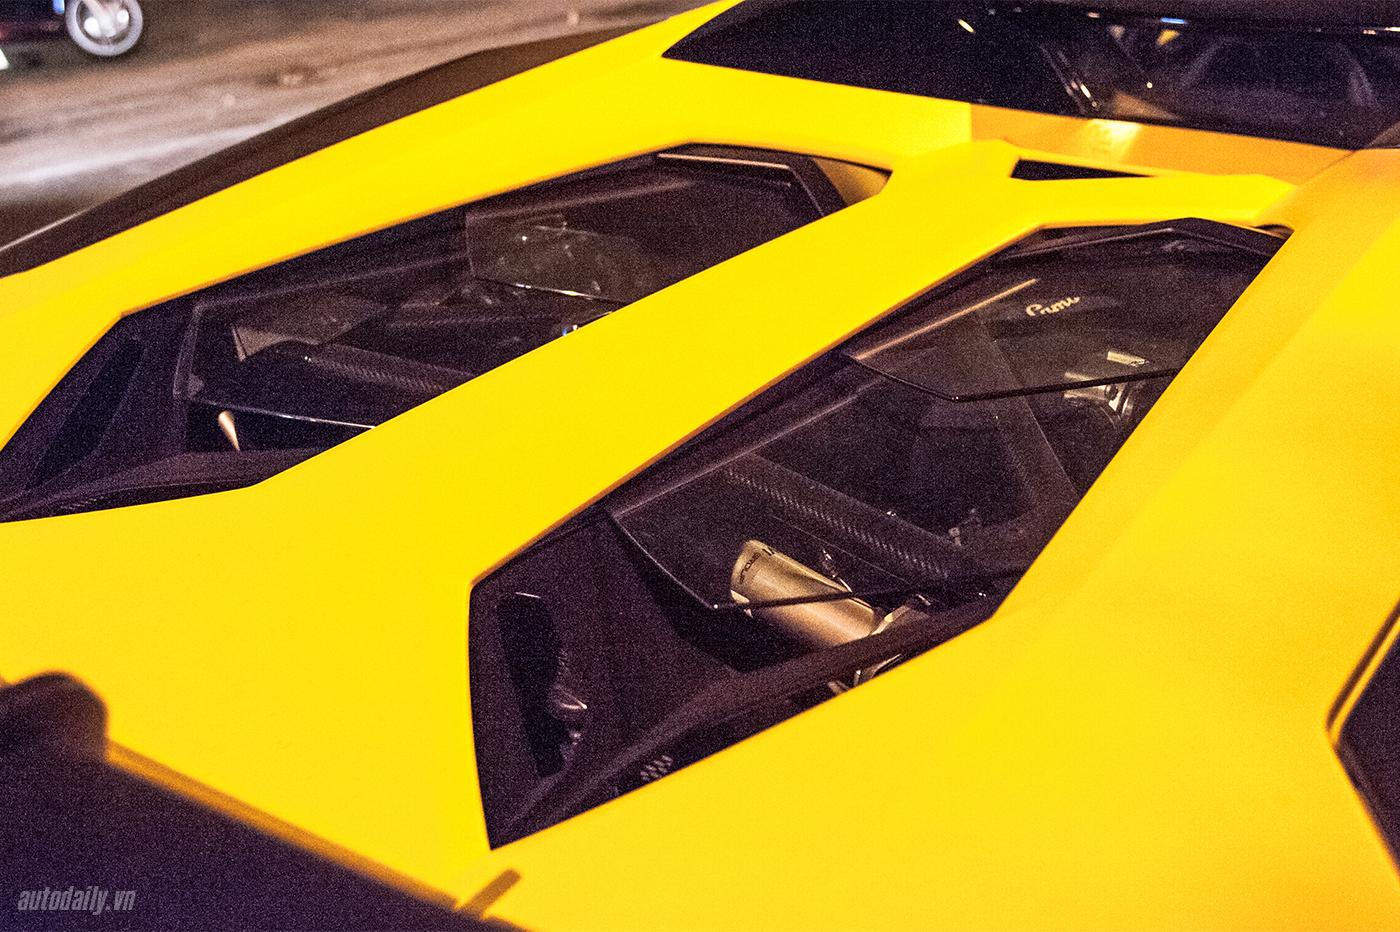 aventador-roadster-autodaily-6.jpg